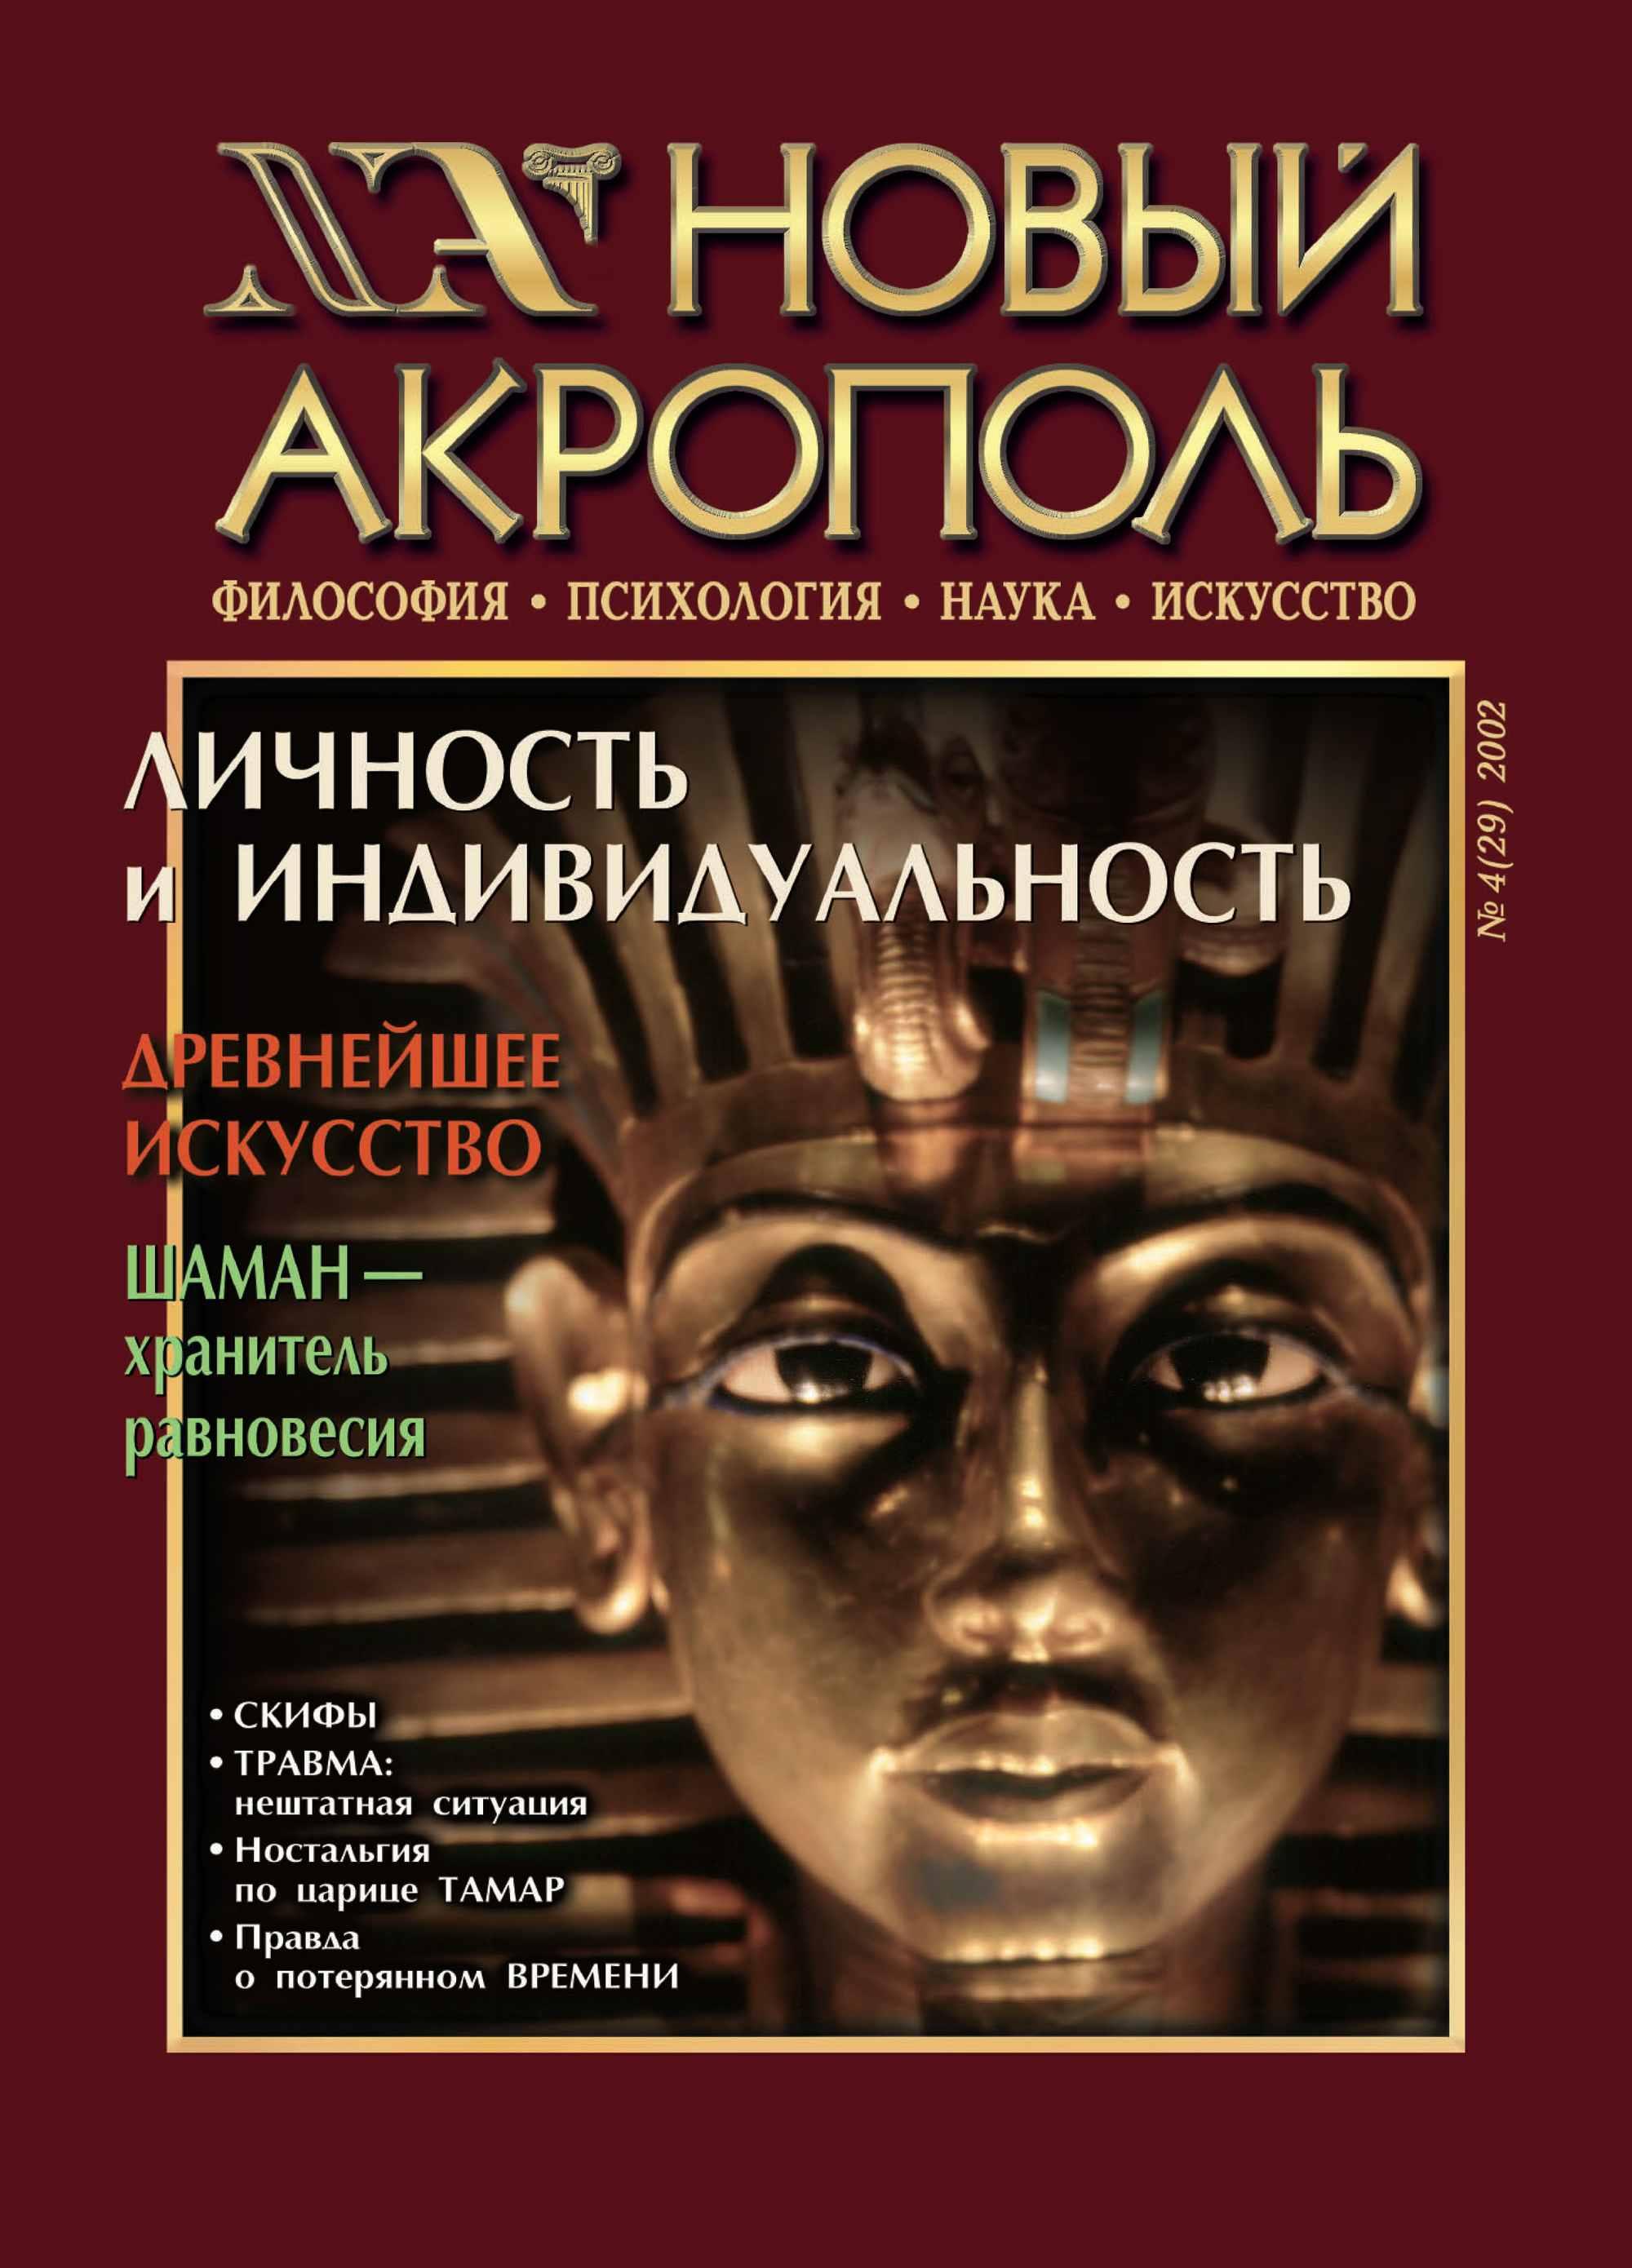 Отсутствует Новый Акрополь №04/2002 хаксли о о дивный новый мир слепец в газе